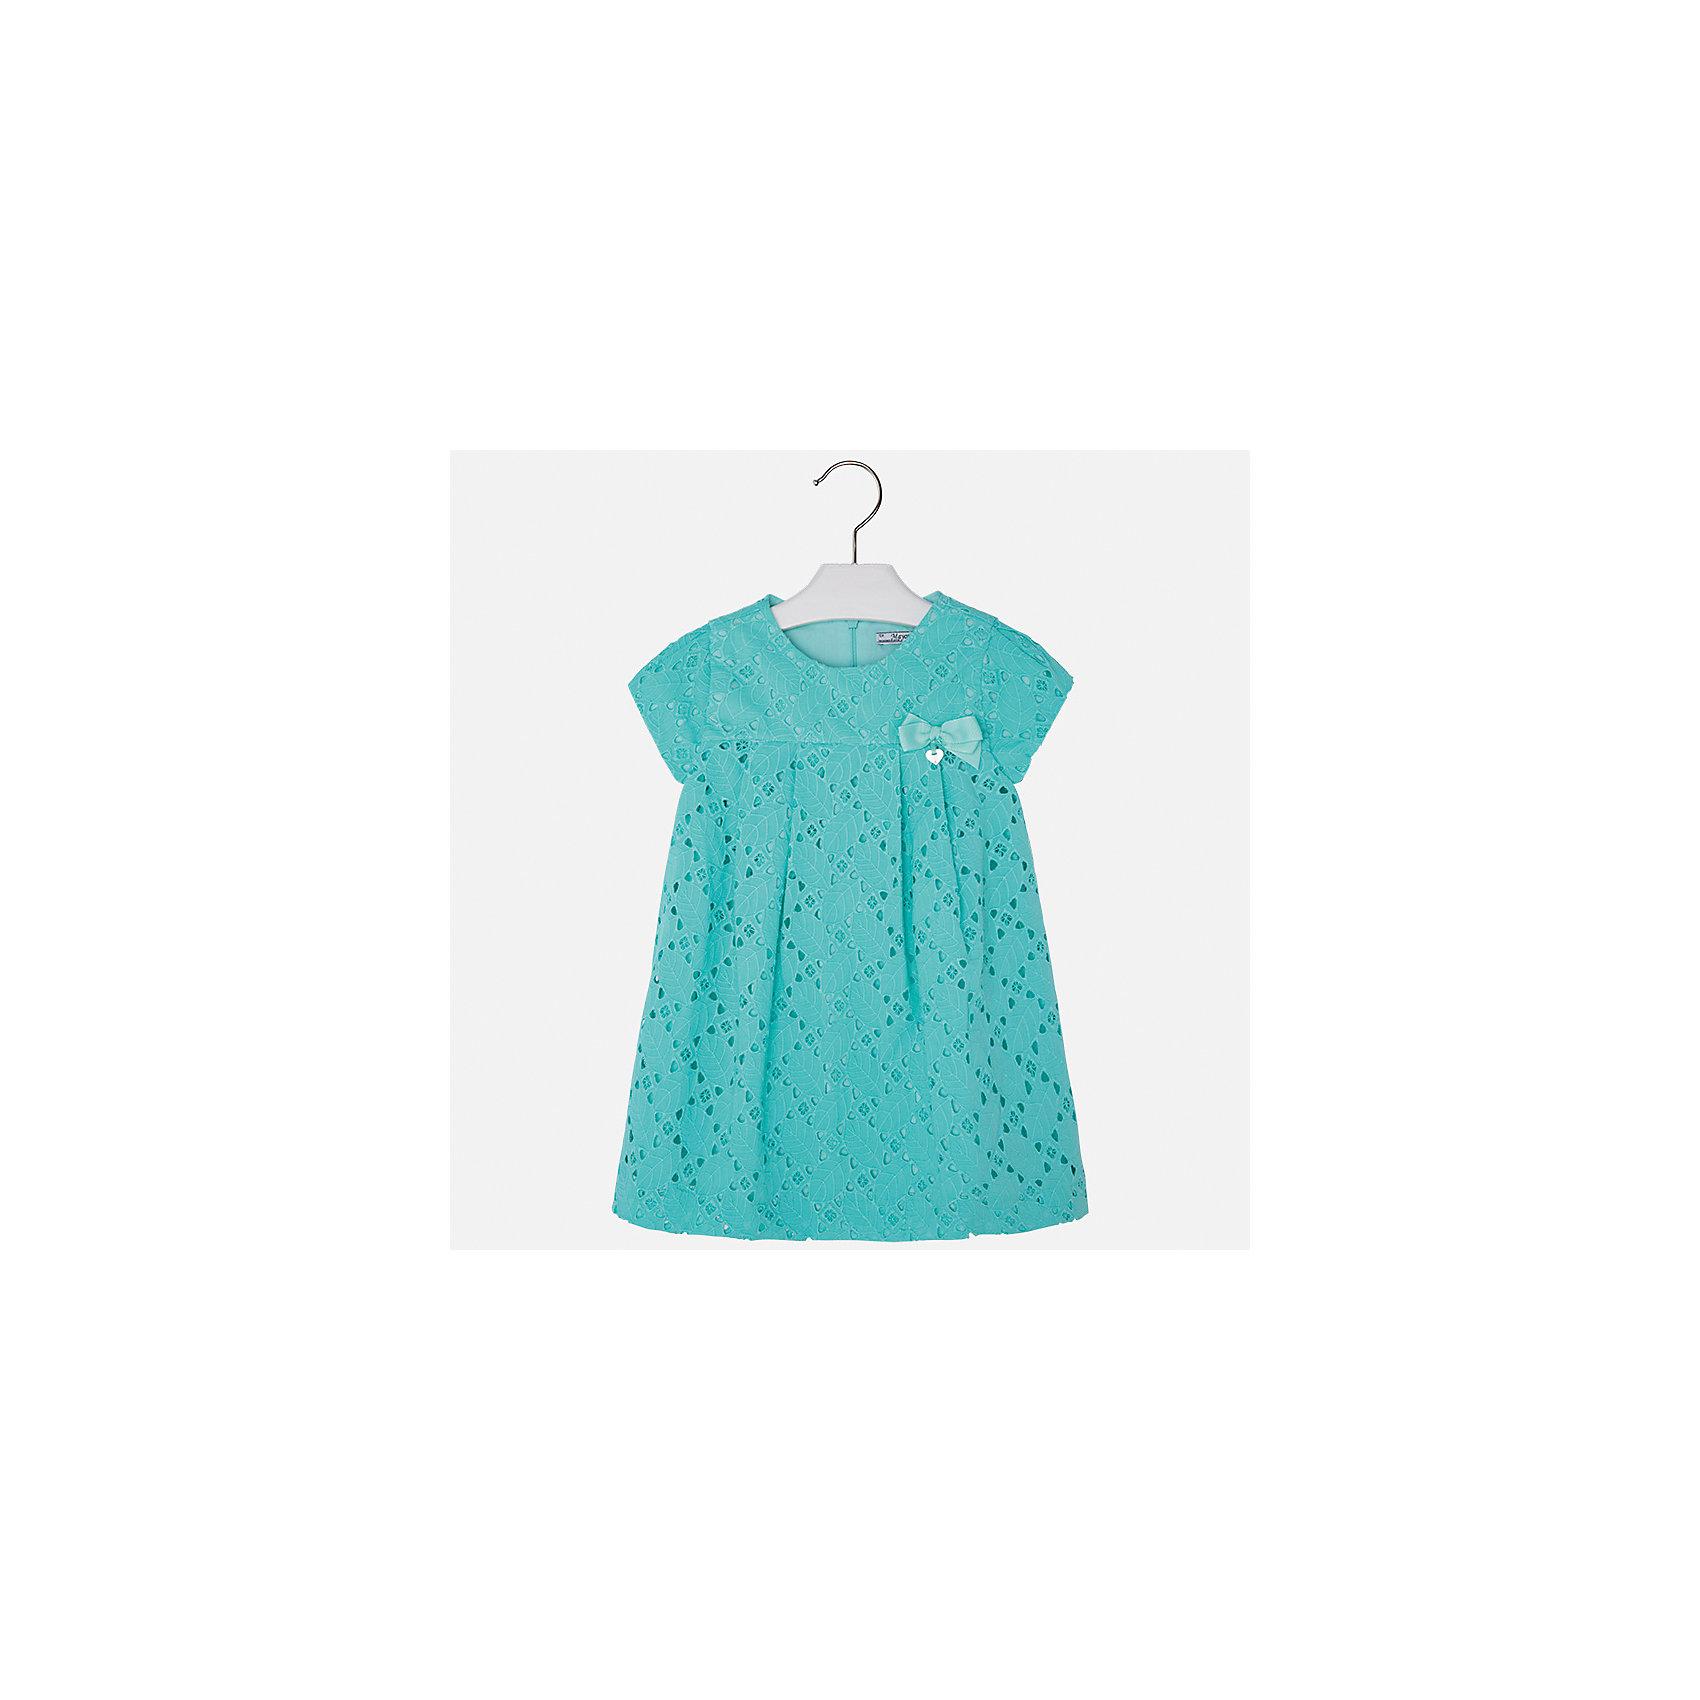 Платье для девочки MayoralОдежда<br>Характеристики товара:<br><br>• цвет: зеленый<br>• состав: 100% хлопок, подкладка - 65% полиэстер, 35% хлопок<br>• застежка: молния<br>• ажурная ткань верха<br>• завышенная талия<br>• короткие рукава<br>• с подкладкой<br>• страна бренда: Испания<br><br>Нарядное платье для девочки поможет разнообразить гардероб ребенка и создать эффектный наряд. Оно отлично подойдет для торжественных случаев. Красивый оттенок позволяет подобрать к вещи обувь разных расцветок. В составе материала подкладки - натуральный хлопок, гипоаллергенный, приятный на ощупь, дышащий. Платье хорошо сидит по фигуре.<br><br>Одежда, обувь и аксессуары от испанского бренда Mayoral полюбились детям и взрослым по всему миру. Модели этой марки - стильные и удобные. Для их производства используются только безопасные, качественные материалы и фурнитура. Порадуйте ребенка модными и красивыми вещами от Mayoral! <br><br>Платье для девочки от испанского бренда Mayoral (Майорал) можно купить в нашем интернет-магазине.<br><br>Ширина мм: 236<br>Глубина мм: 16<br>Высота мм: 184<br>Вес г: 177<br>Цвет: синий<br>Возраст от месяцев: 96<br>Возраст до месяцев: 108<br>Пол: Женский<br>Возраст: Детский<br>Размер: 134,92,98,104,110,116,122,128<br>SKU: 5291108